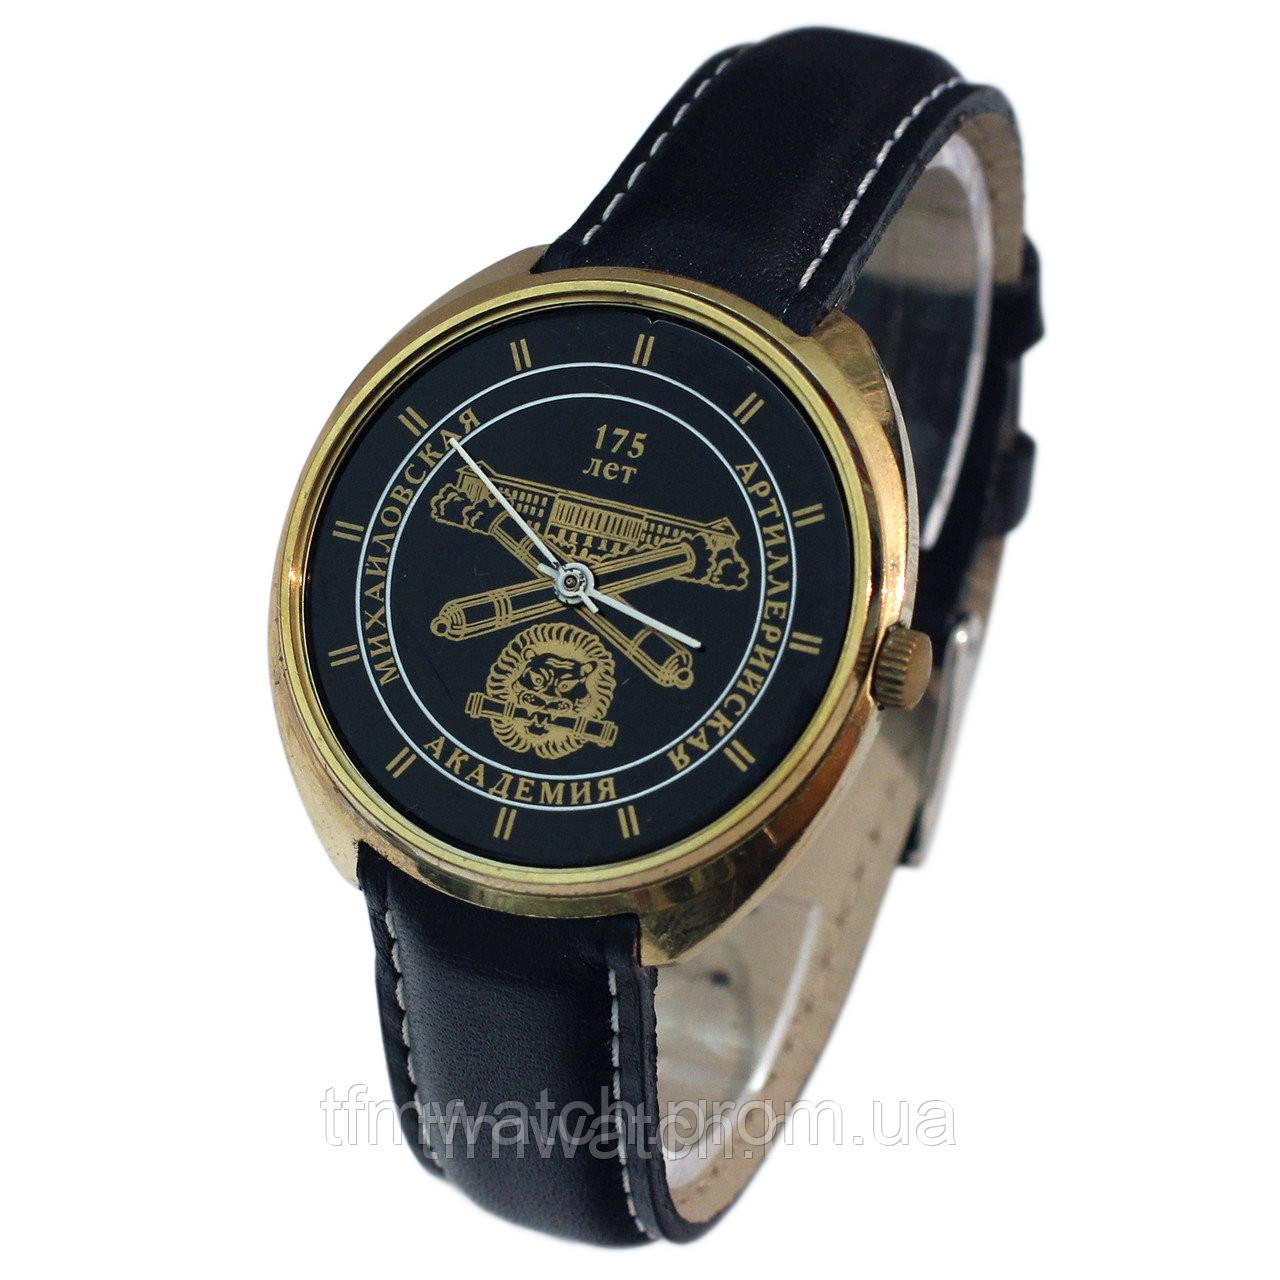 Часы продать юбилейные продать часы кукпить